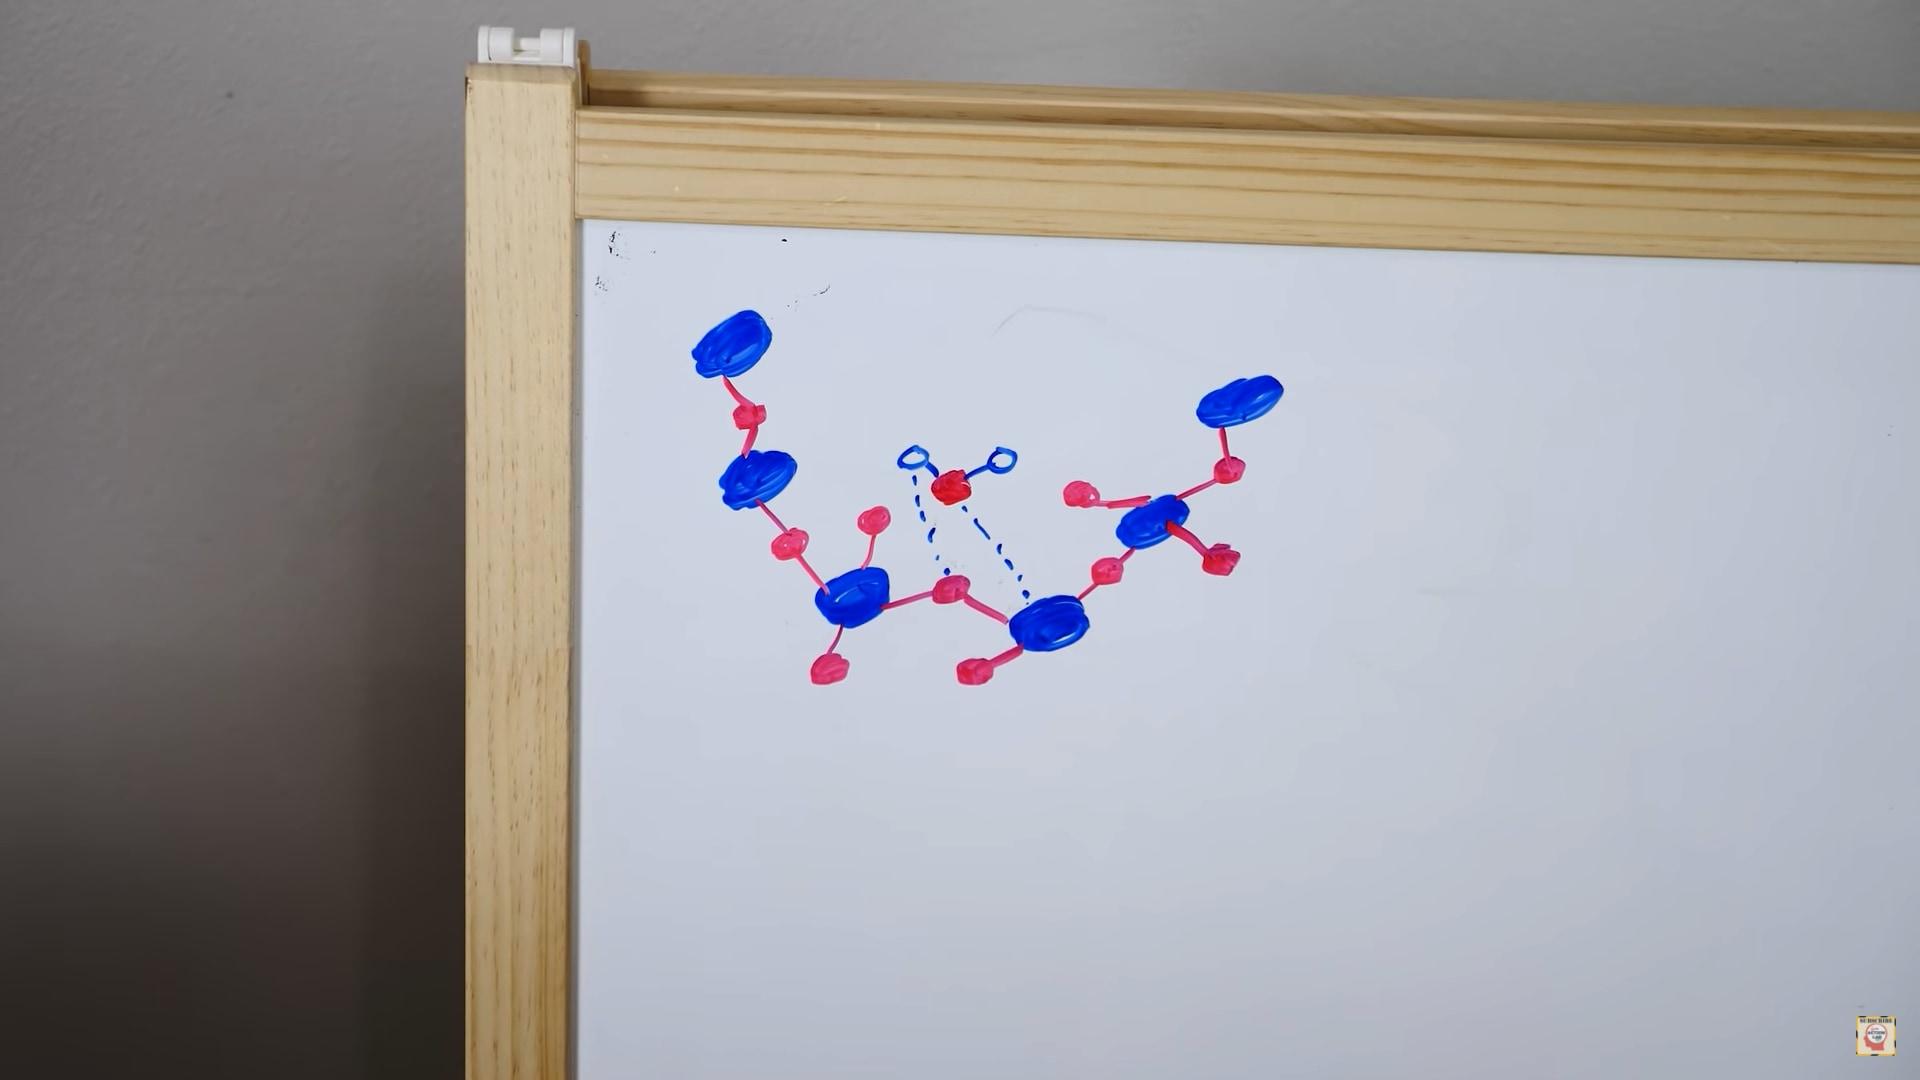 水分子中の酸素と水素がガラスの分子に結びつく